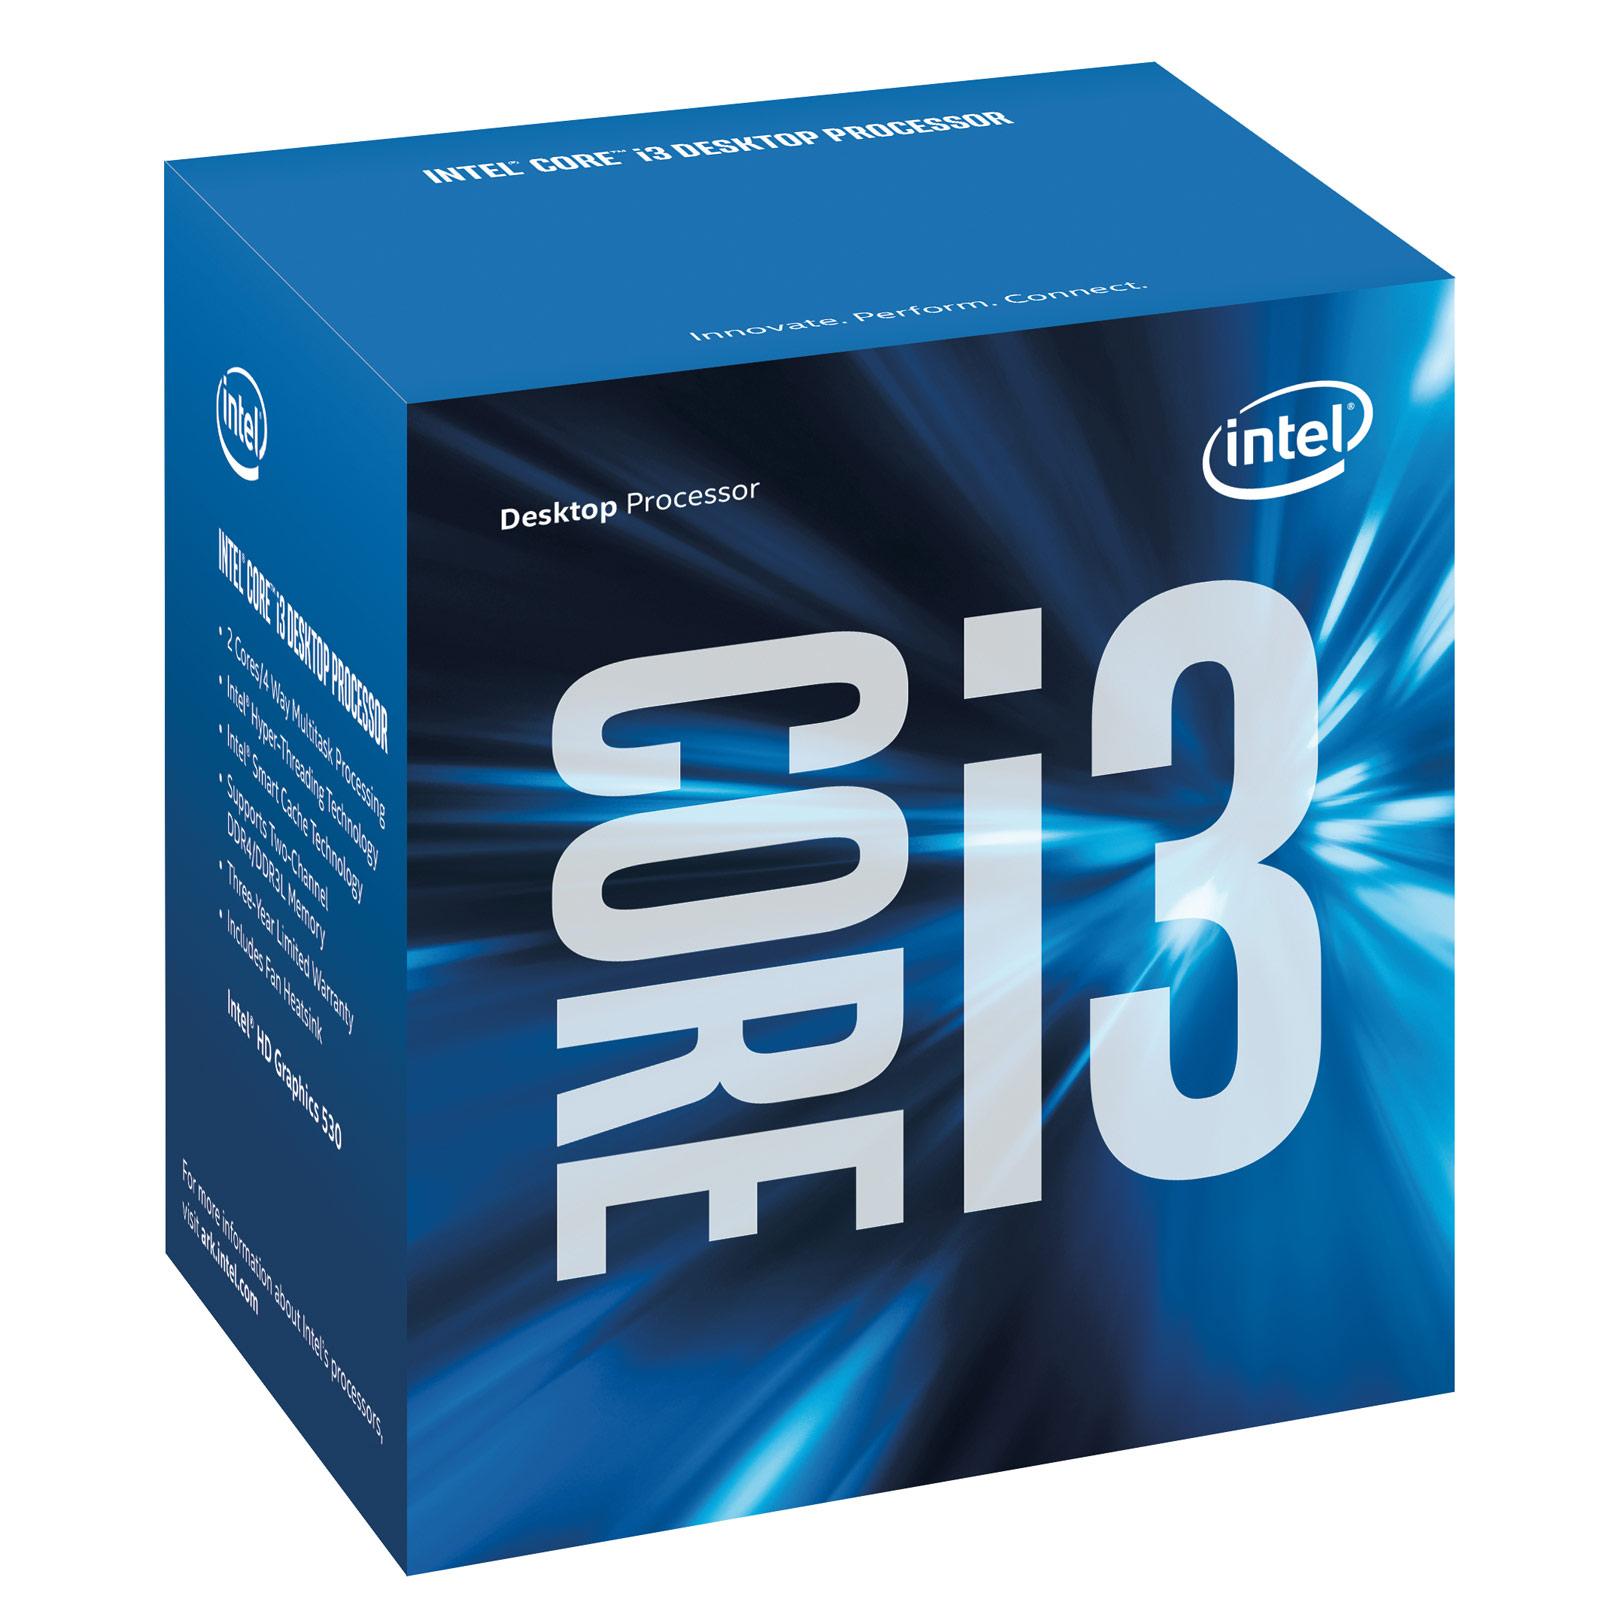 Processeur Intel Core i3-6100 (3.7 GHz) Processeur Dual Core Socket 1151 Cache L3 3 Mo Intel HD Graphics 530 0.014 micron (version boîte - garantie Intel 3 ans)